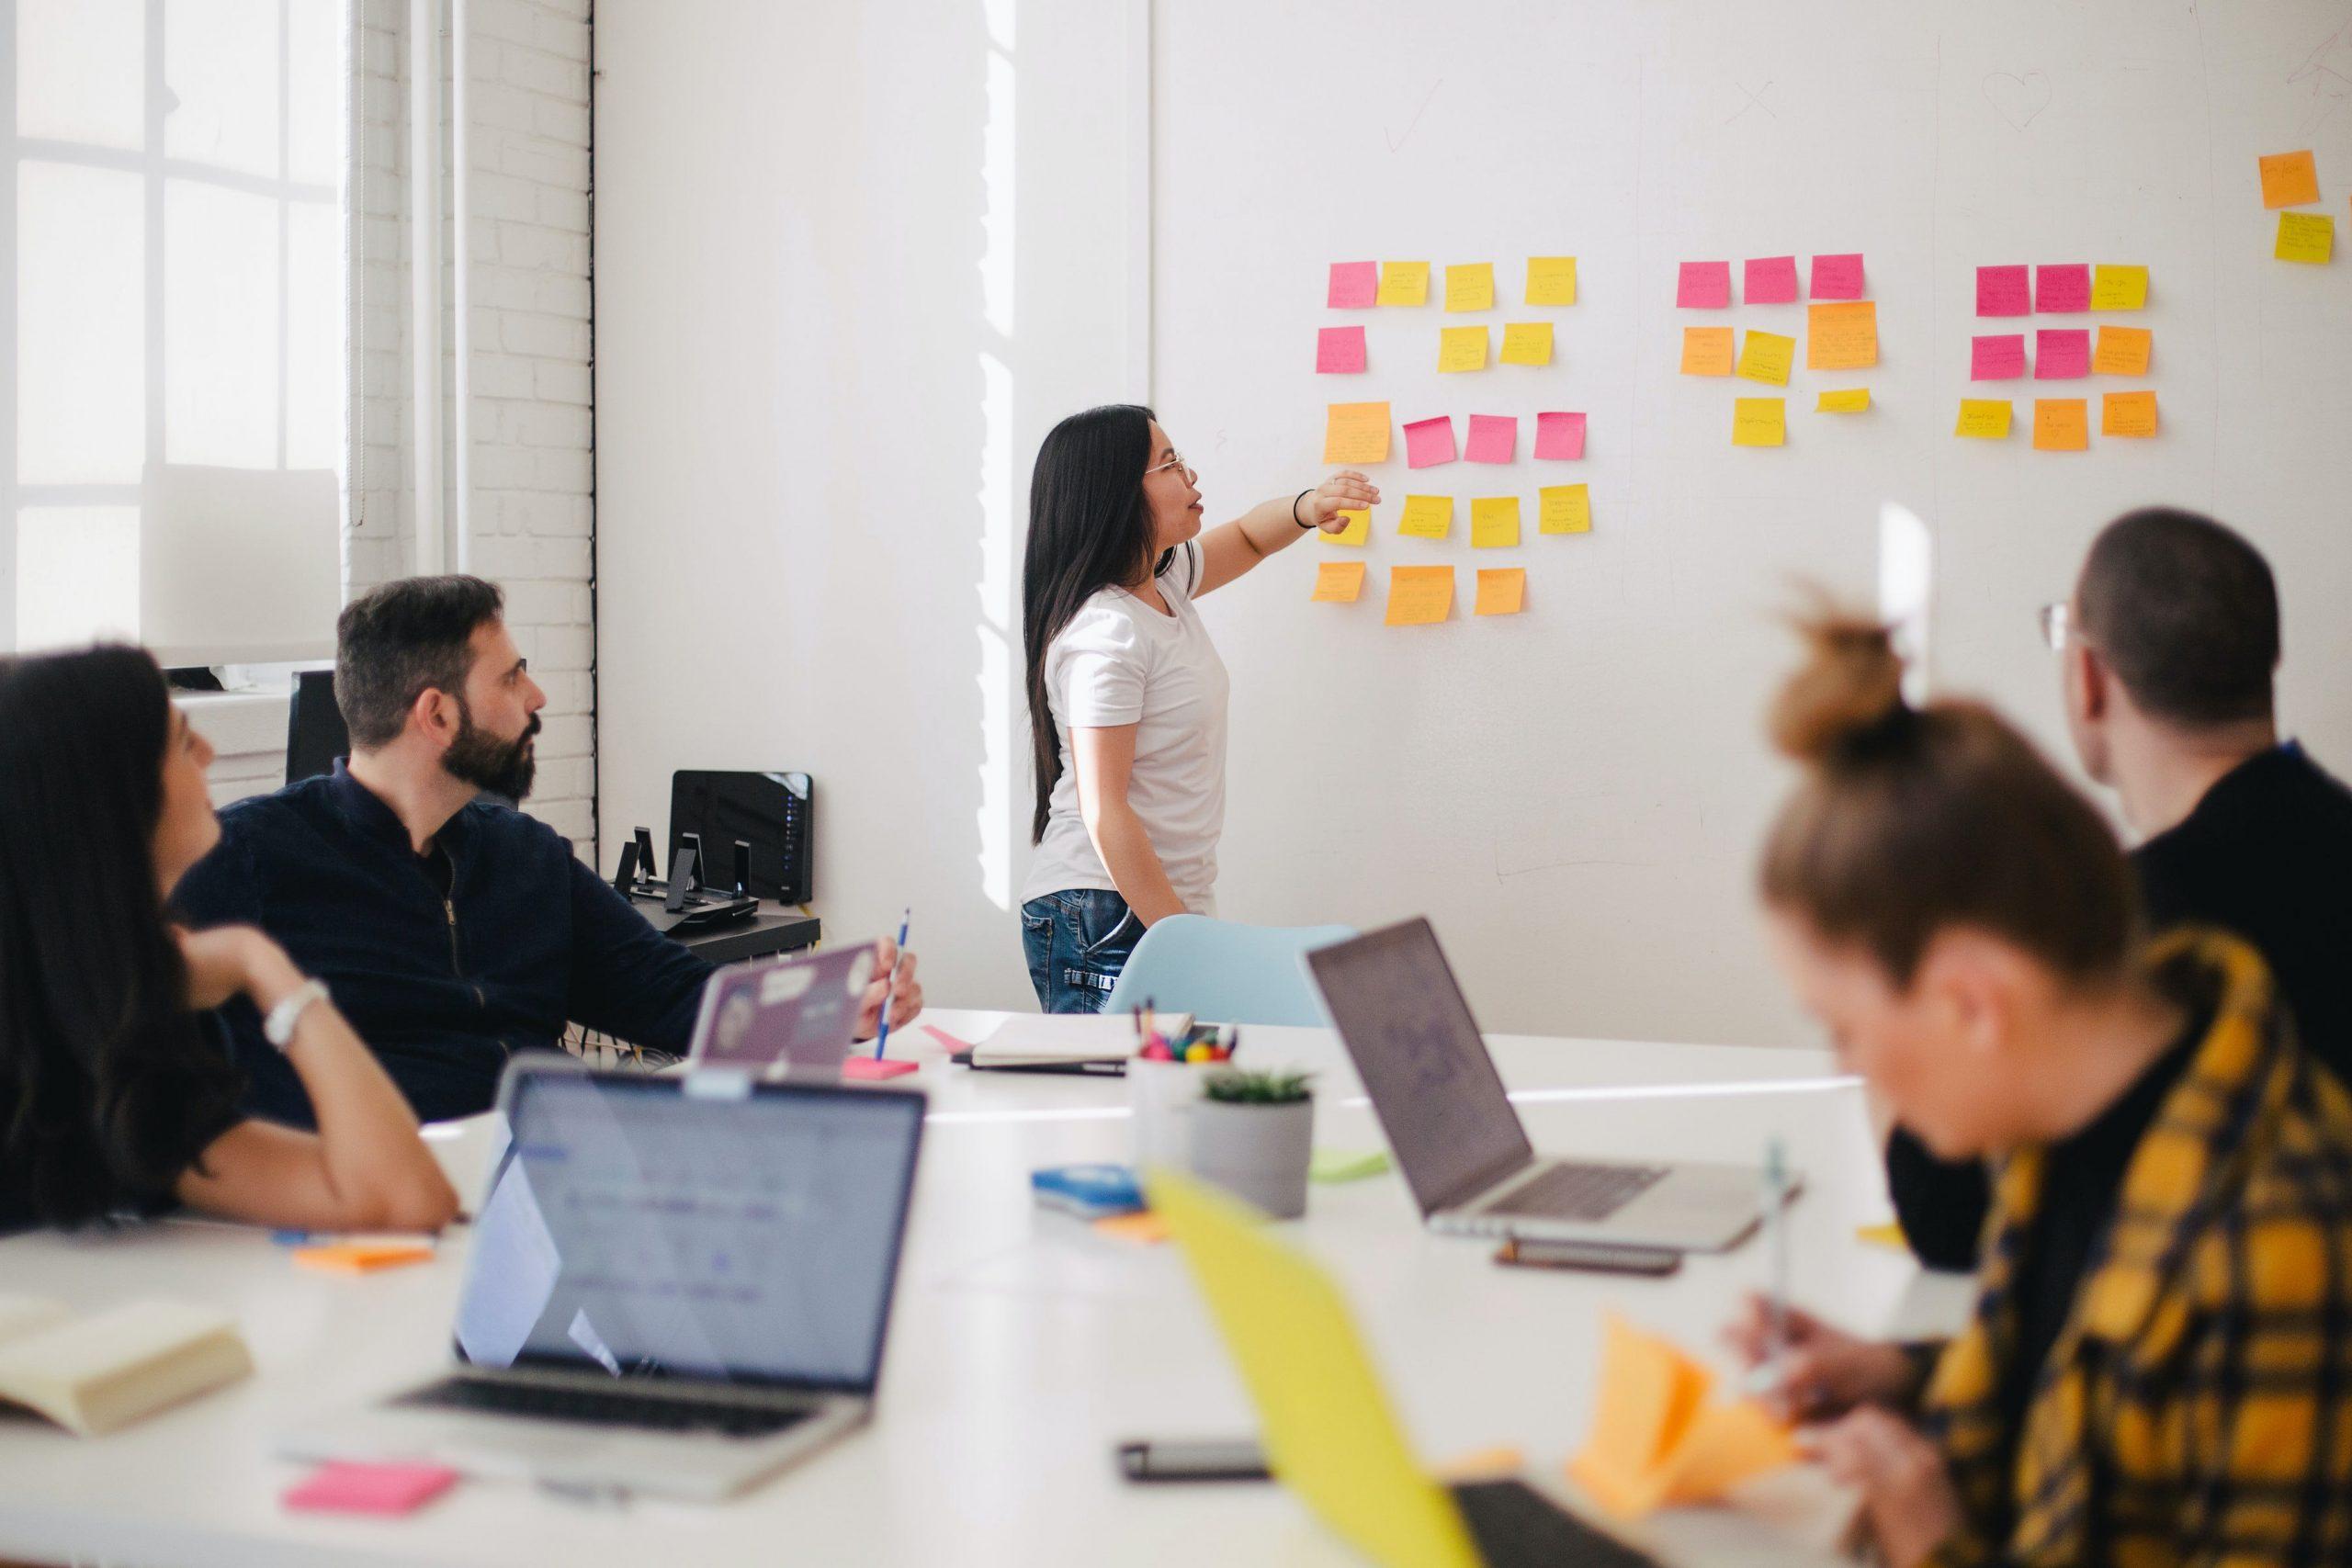 Agiles Arbeiten: Das macht ein Product Owner bei plusserver